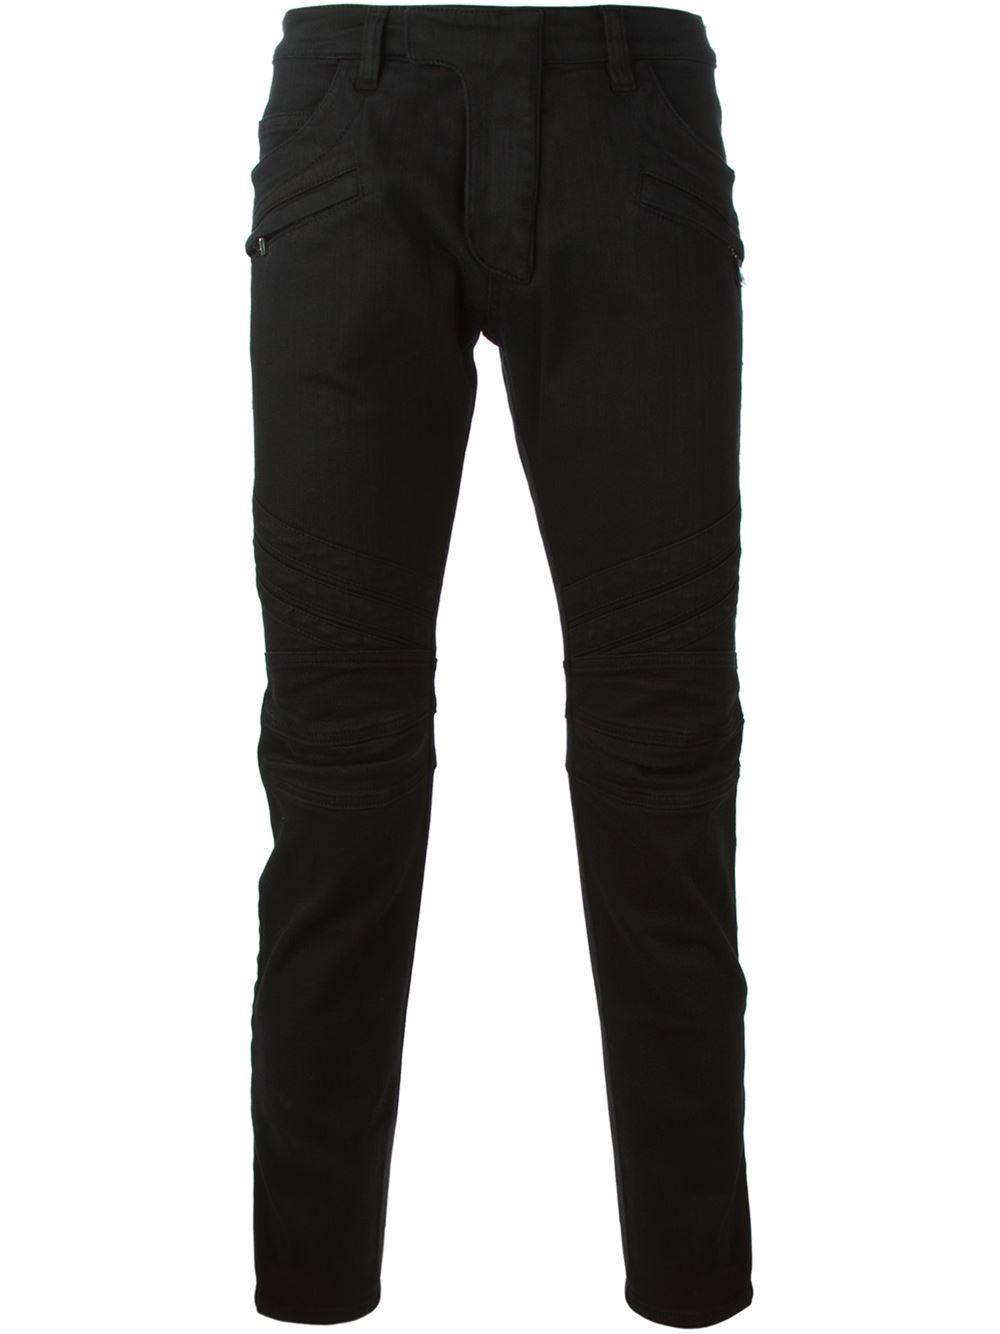 Men Black Coated Jeans